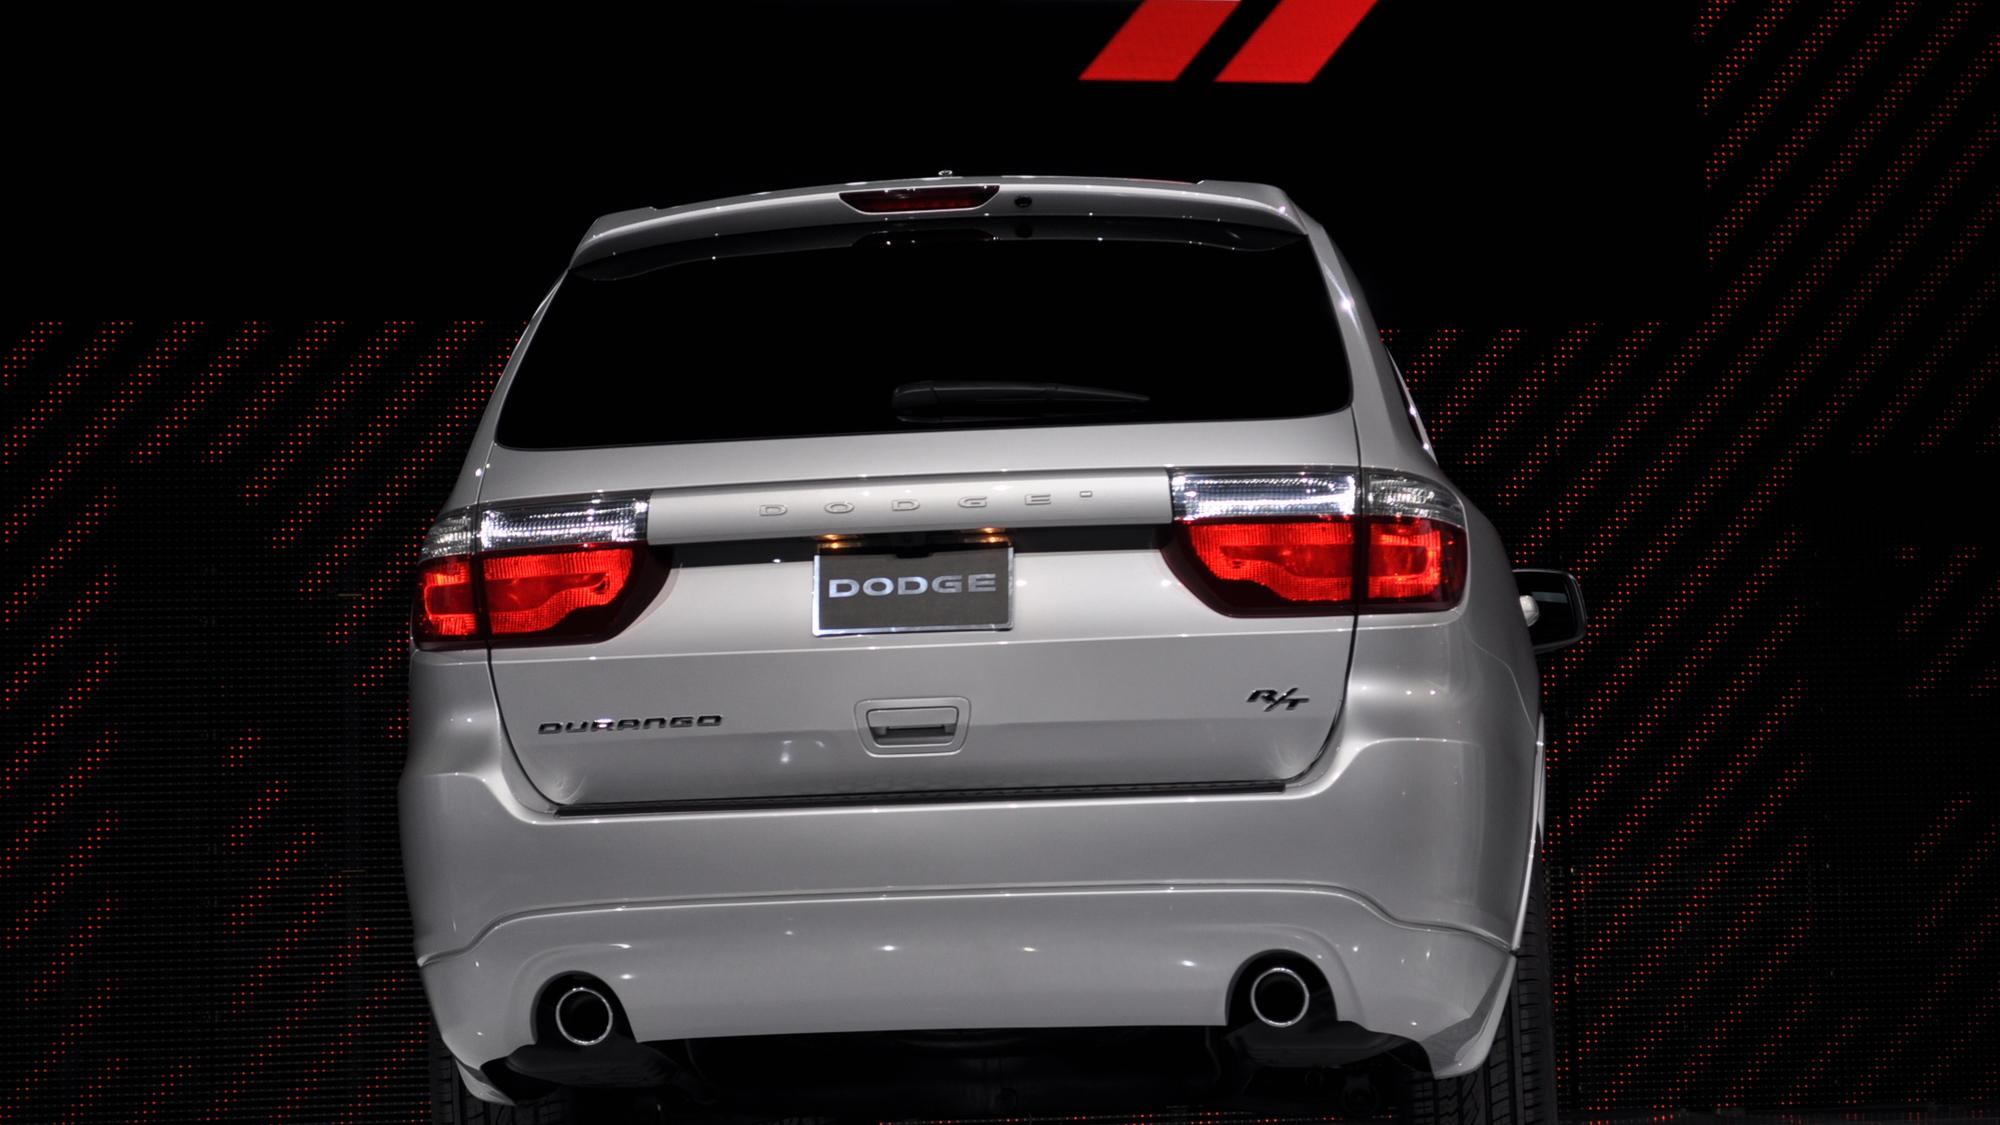 2011 Dodge Durango R/T